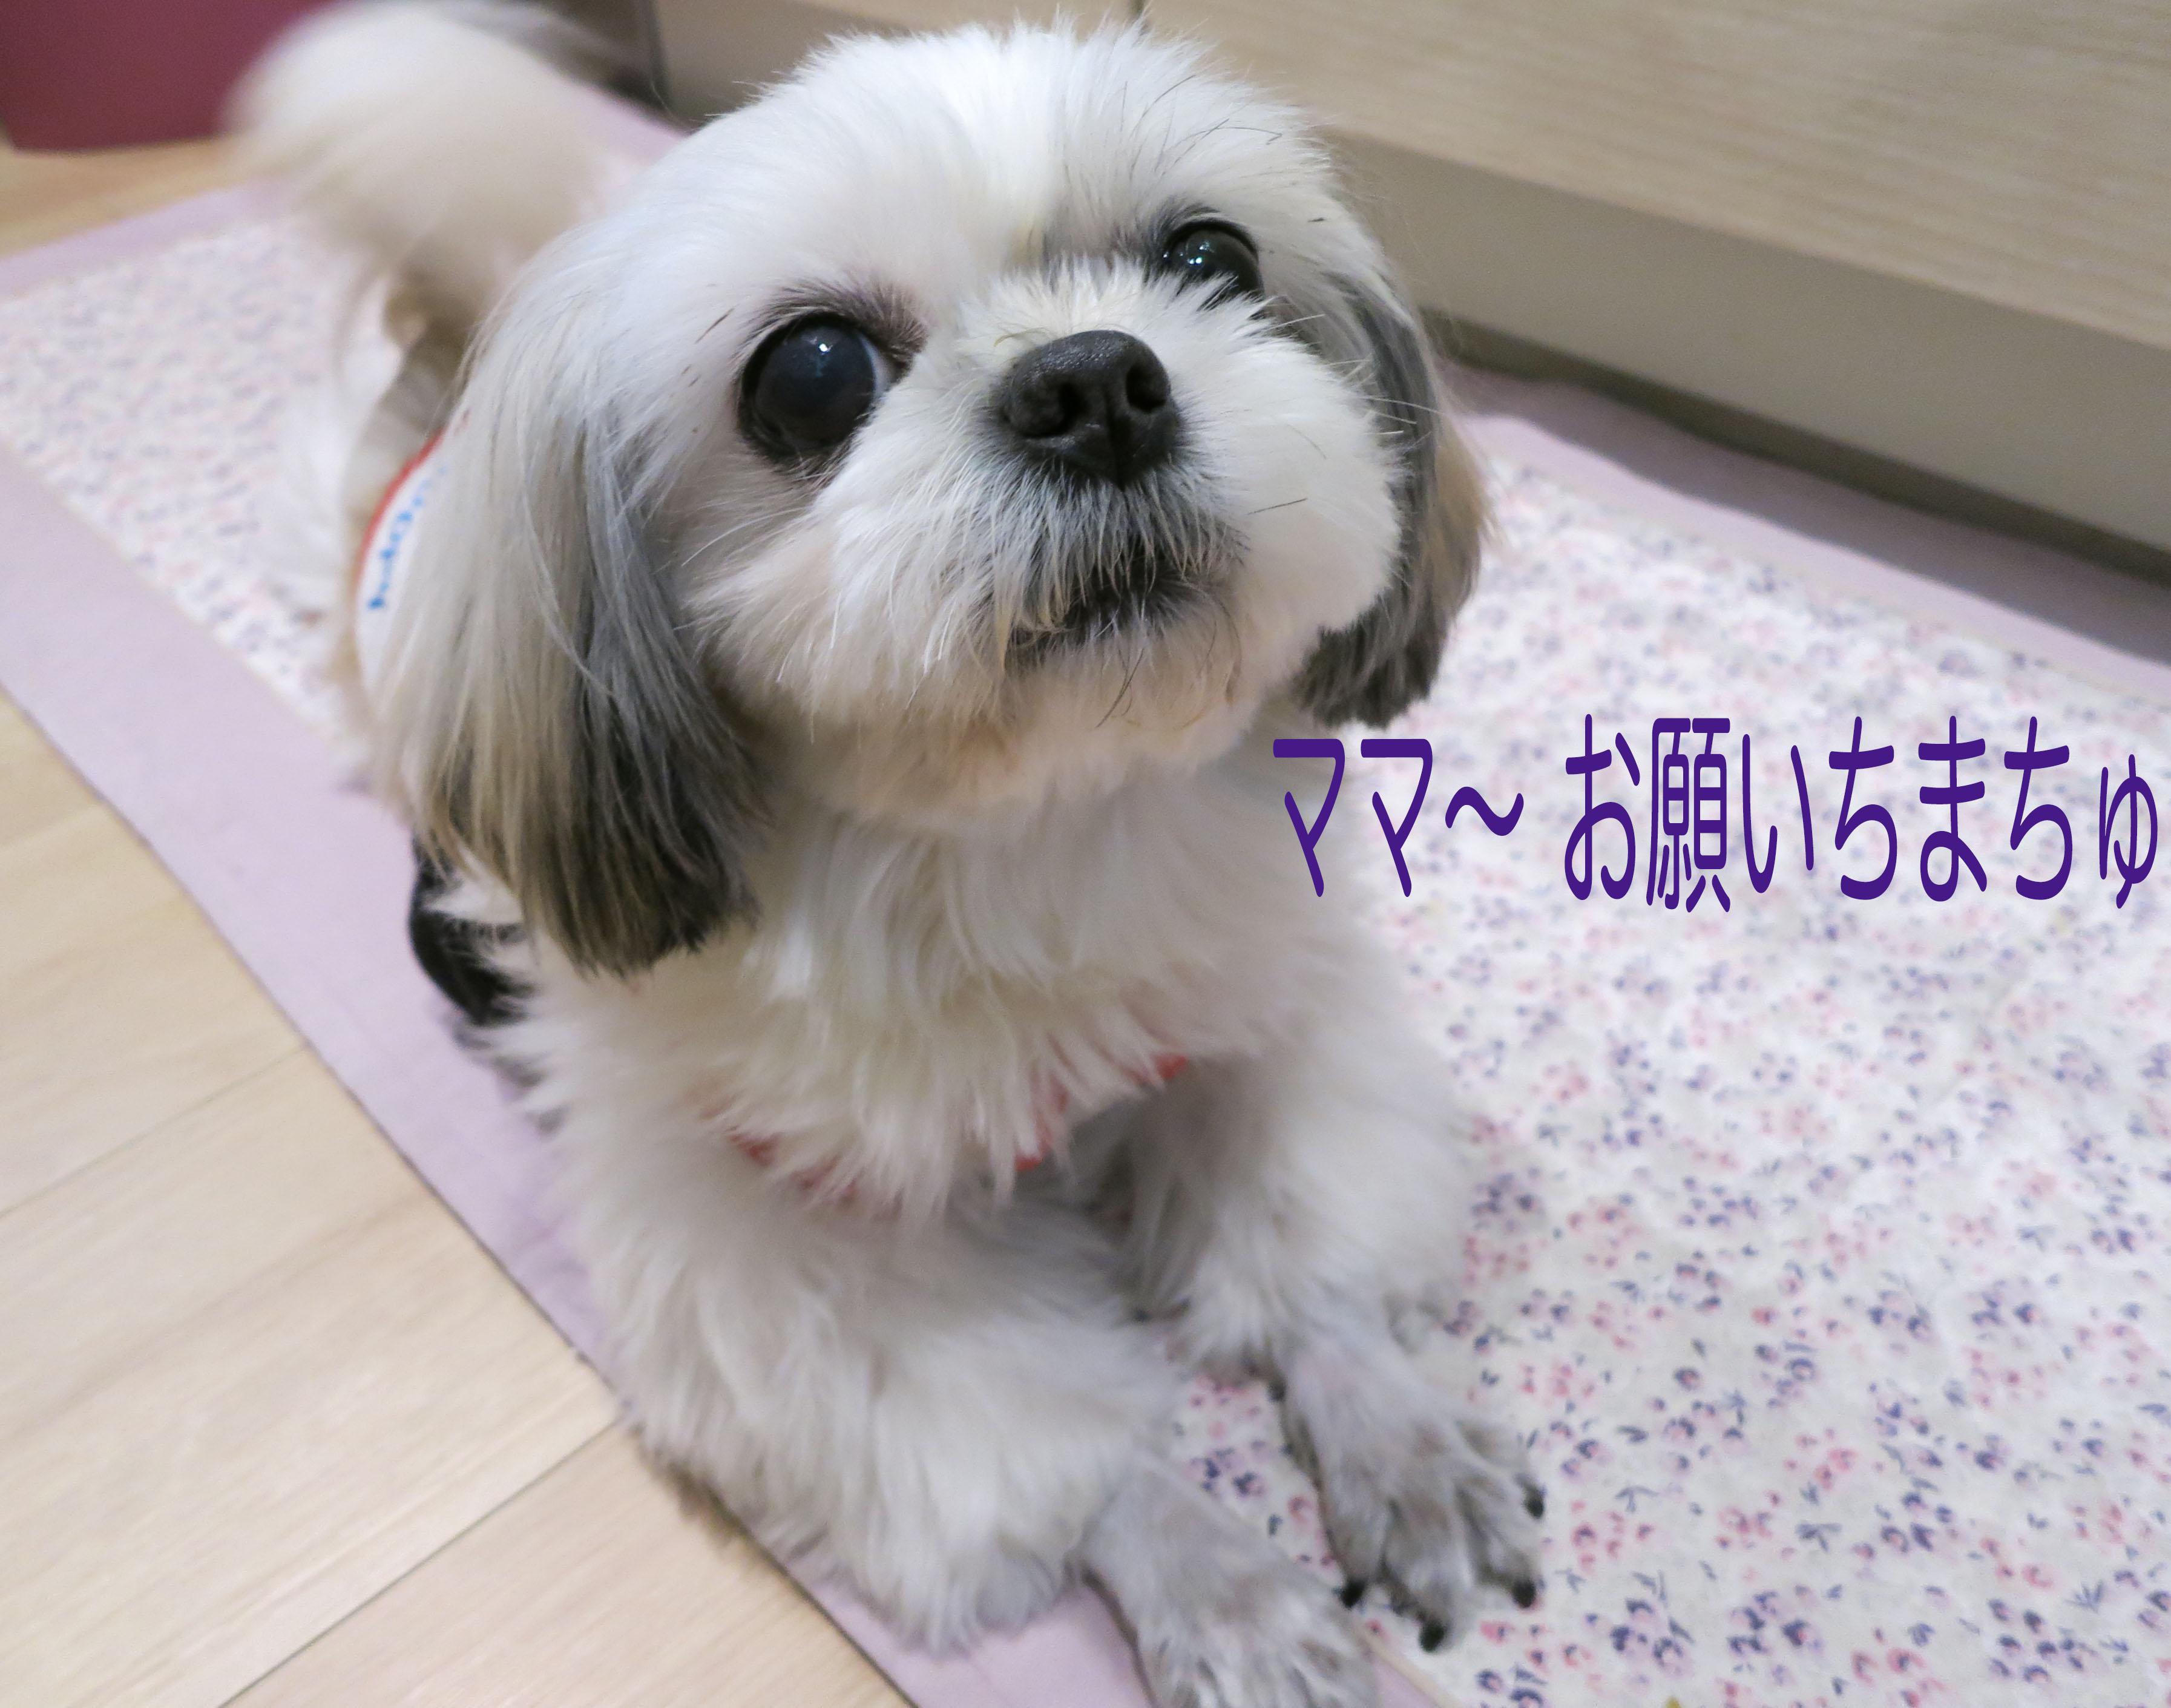 mikuhana5___3945.jpg